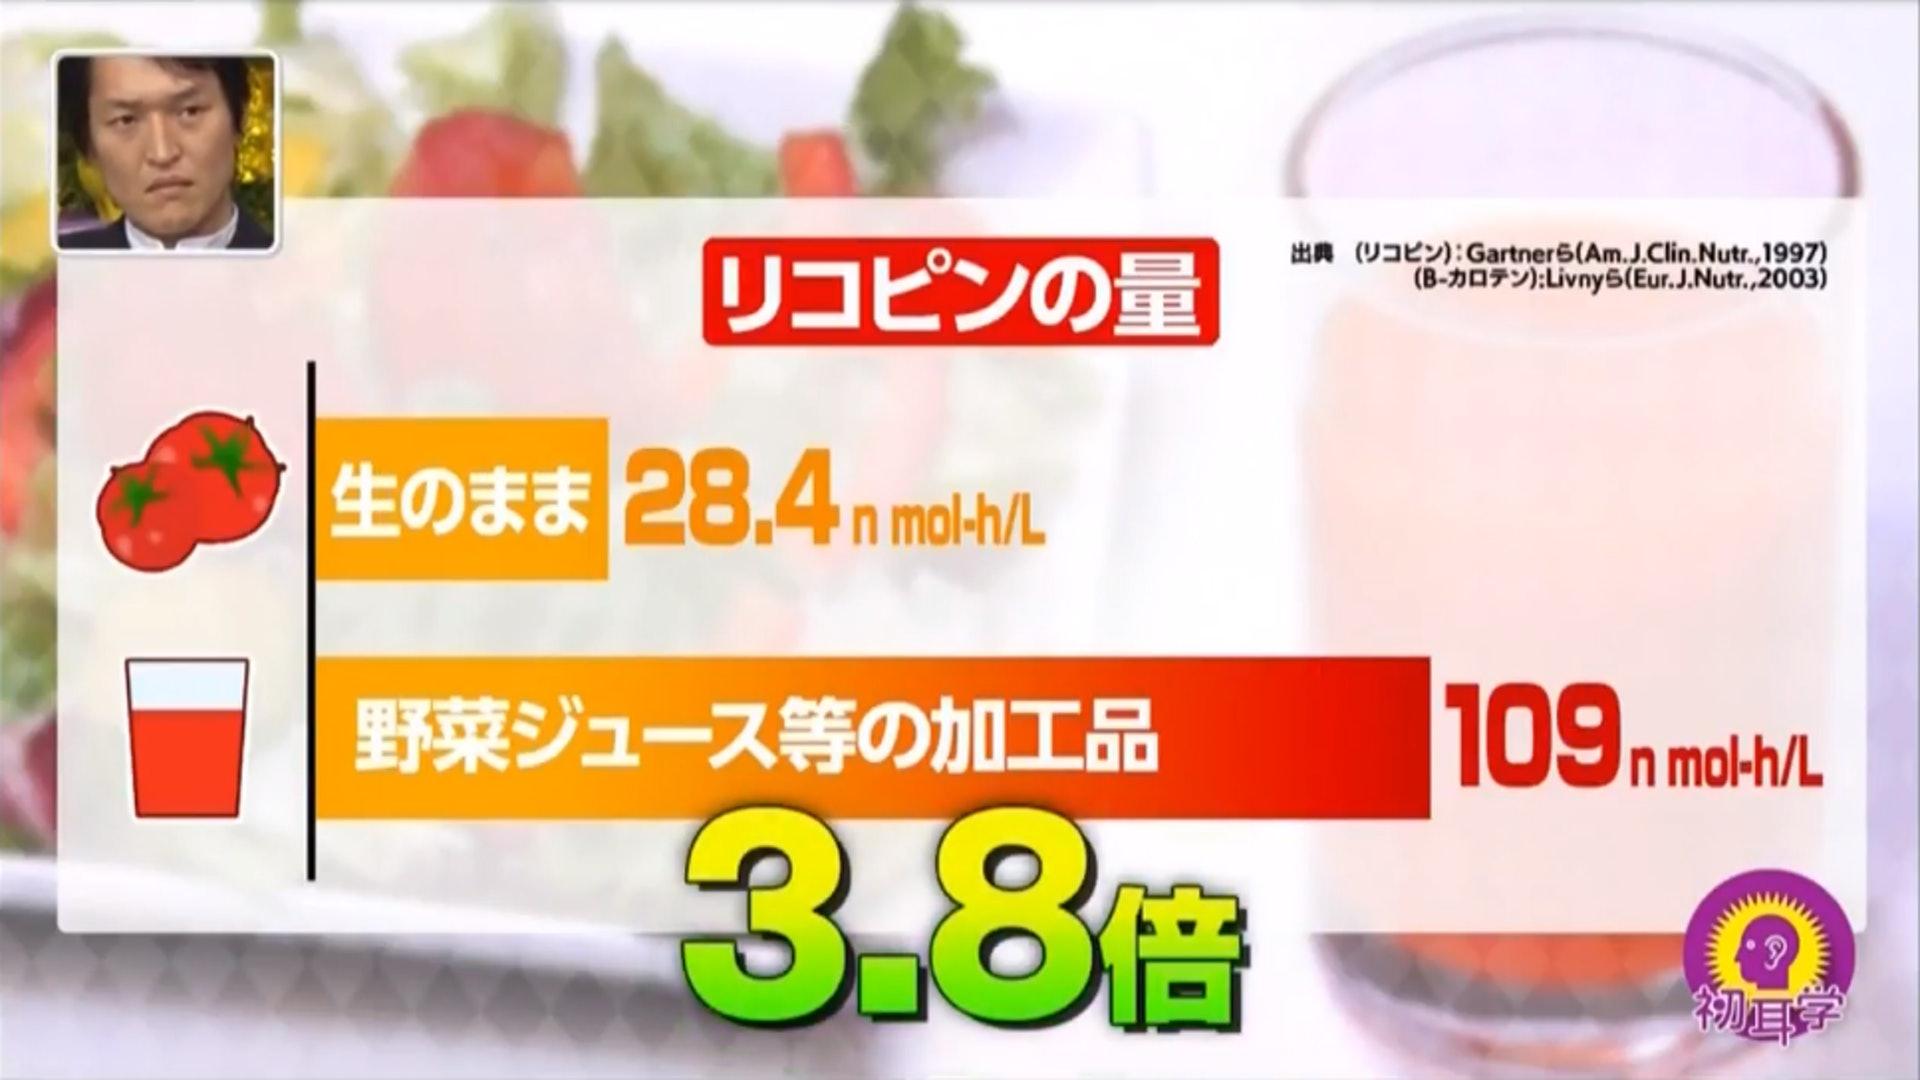 節目組發現番茄含有的茄紅素28.4μg,但蔬菜汁的茄紅素則有109μg,比起新鮮番茄高3.8倍!(日本電視台MBS節目《林先生が驚く 初耳学》截圖)